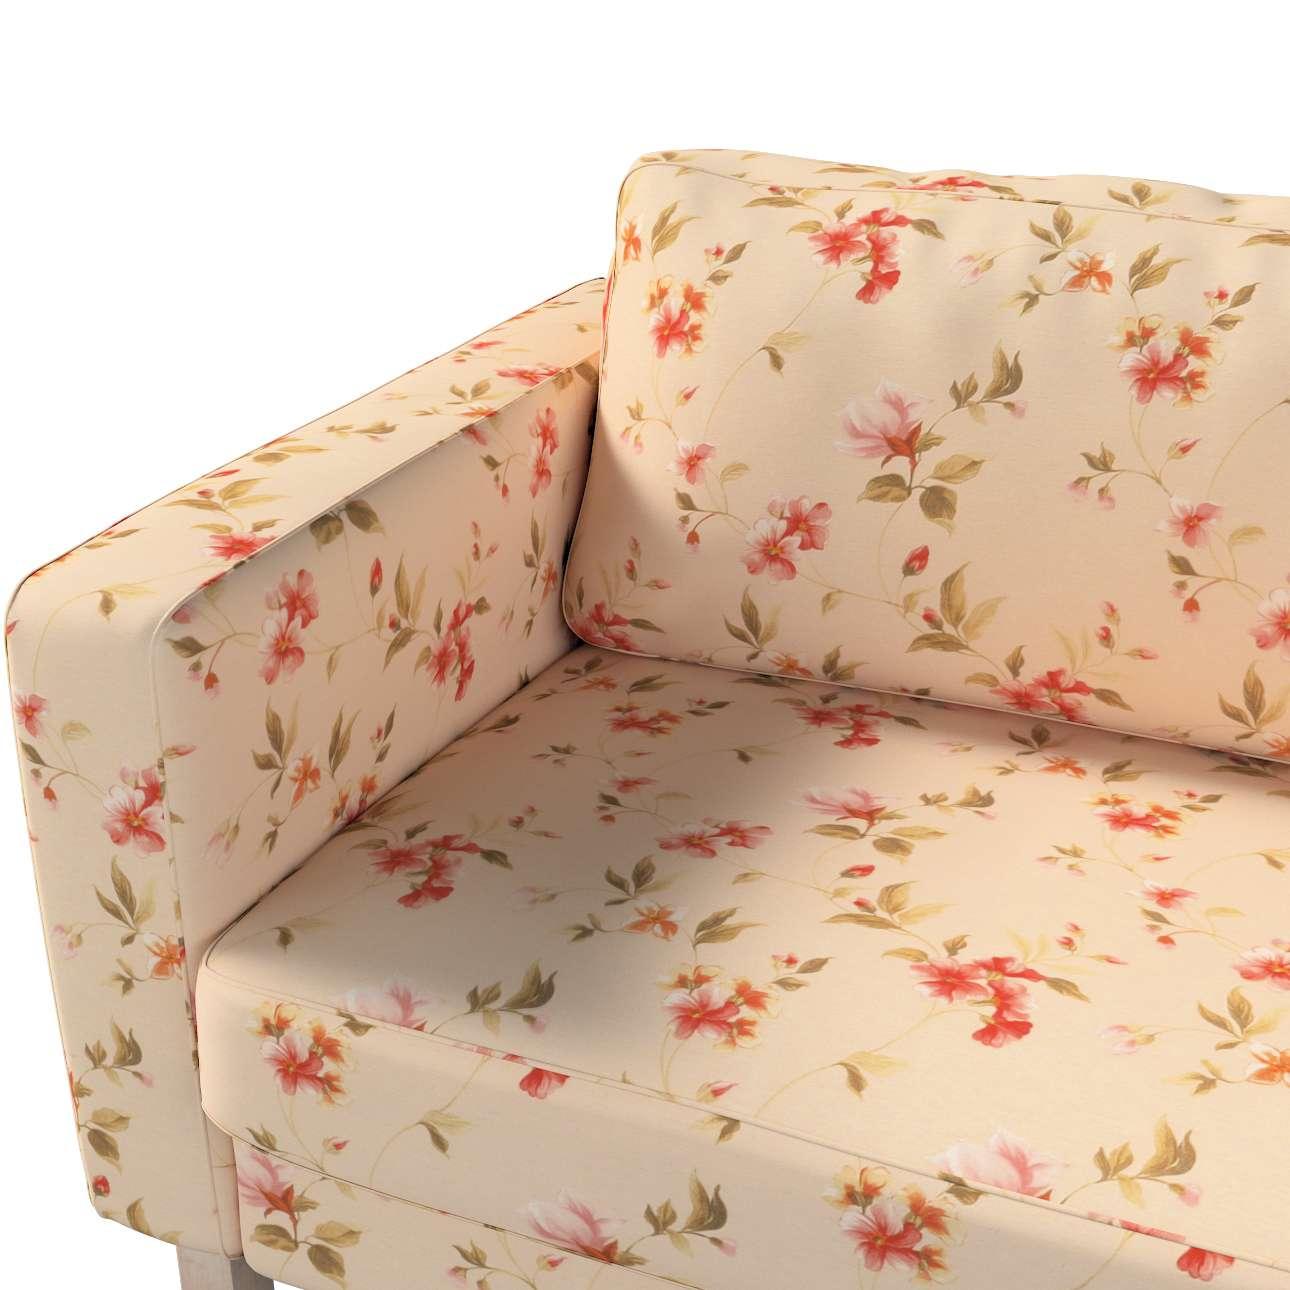 Karlstad 3-Sitzer Sofabezug nicht ausklappbar kurz von der Kollektion Londres, Stoff: 124-05